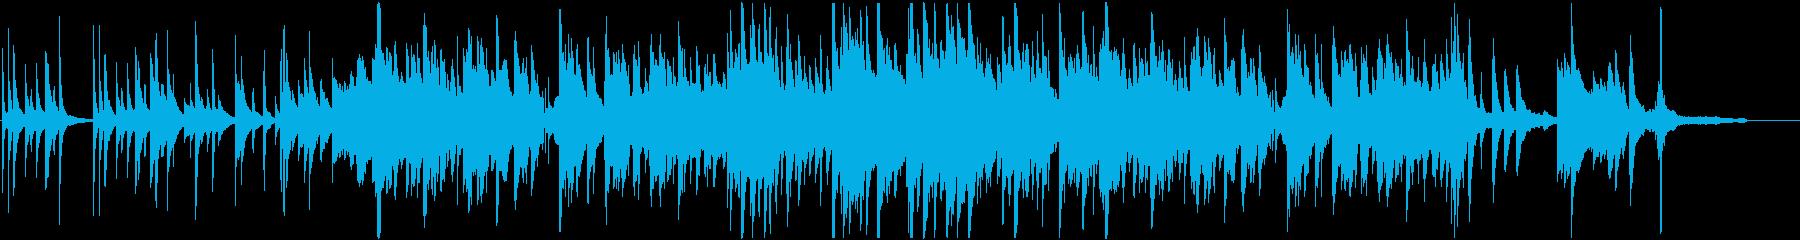 和楽器とピアノの美しい和風曲BGMの再生済みの波形